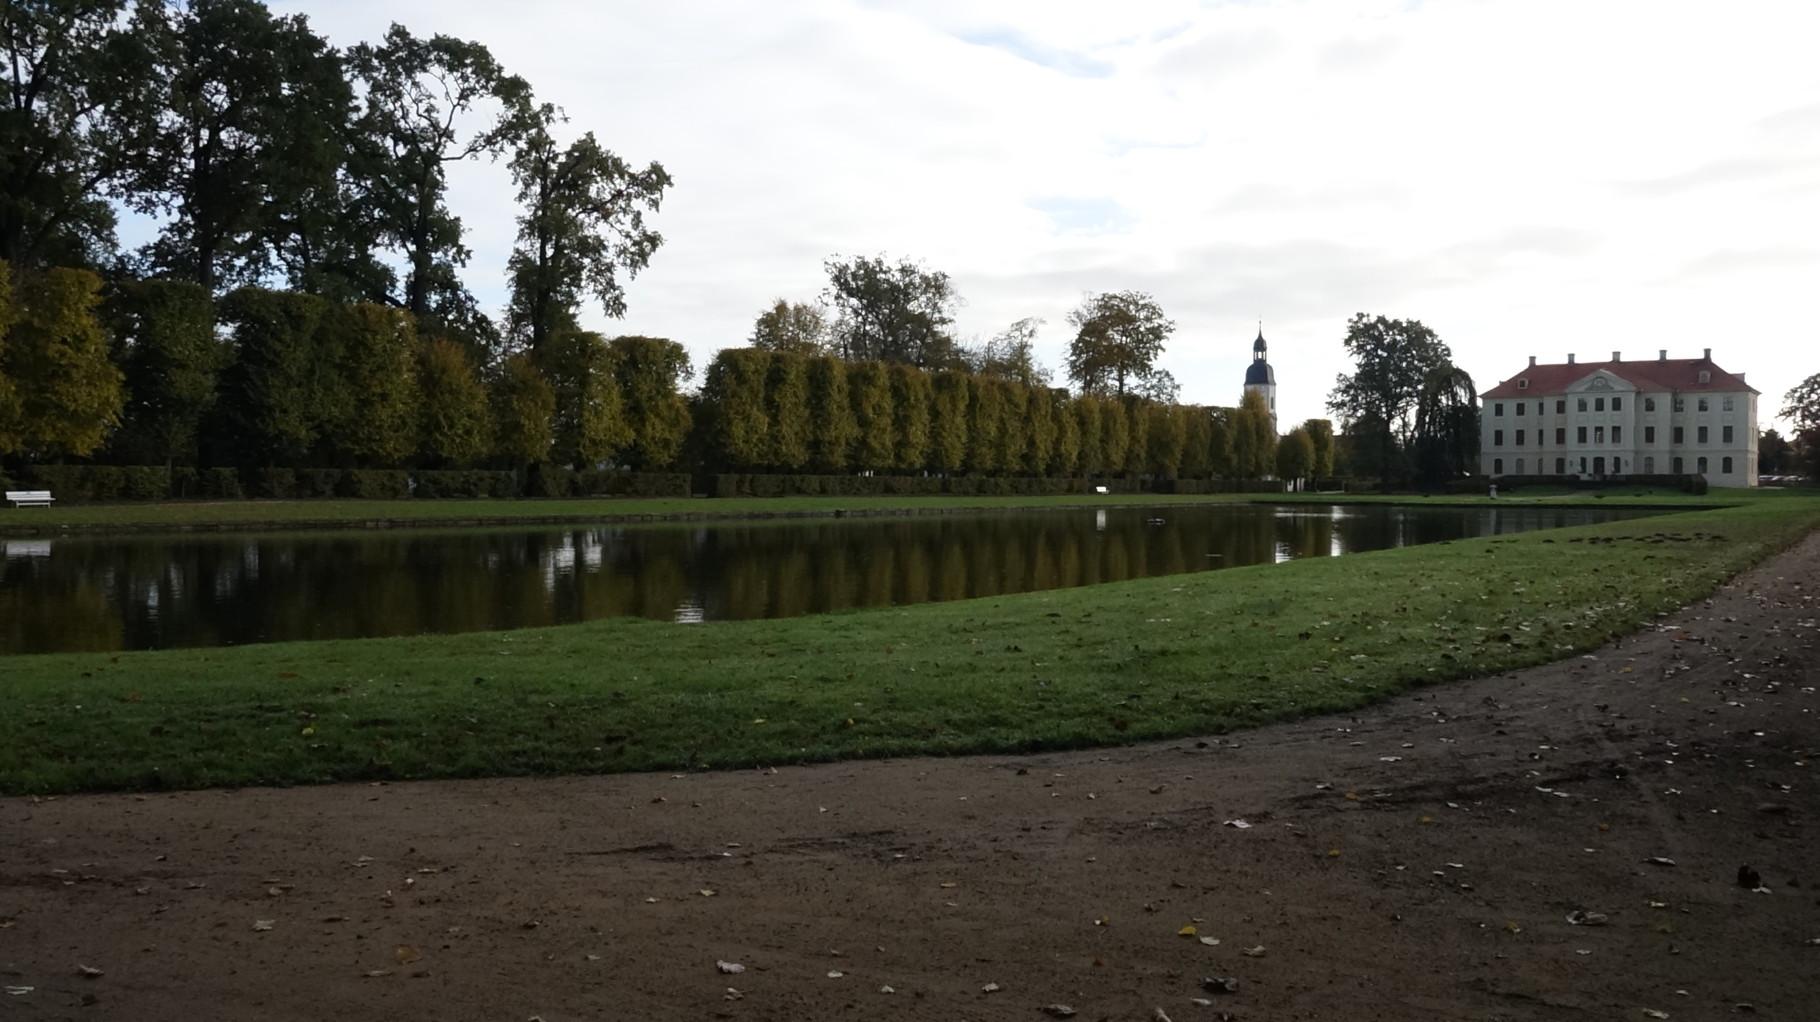 Der Park mit dem Spiegelsee